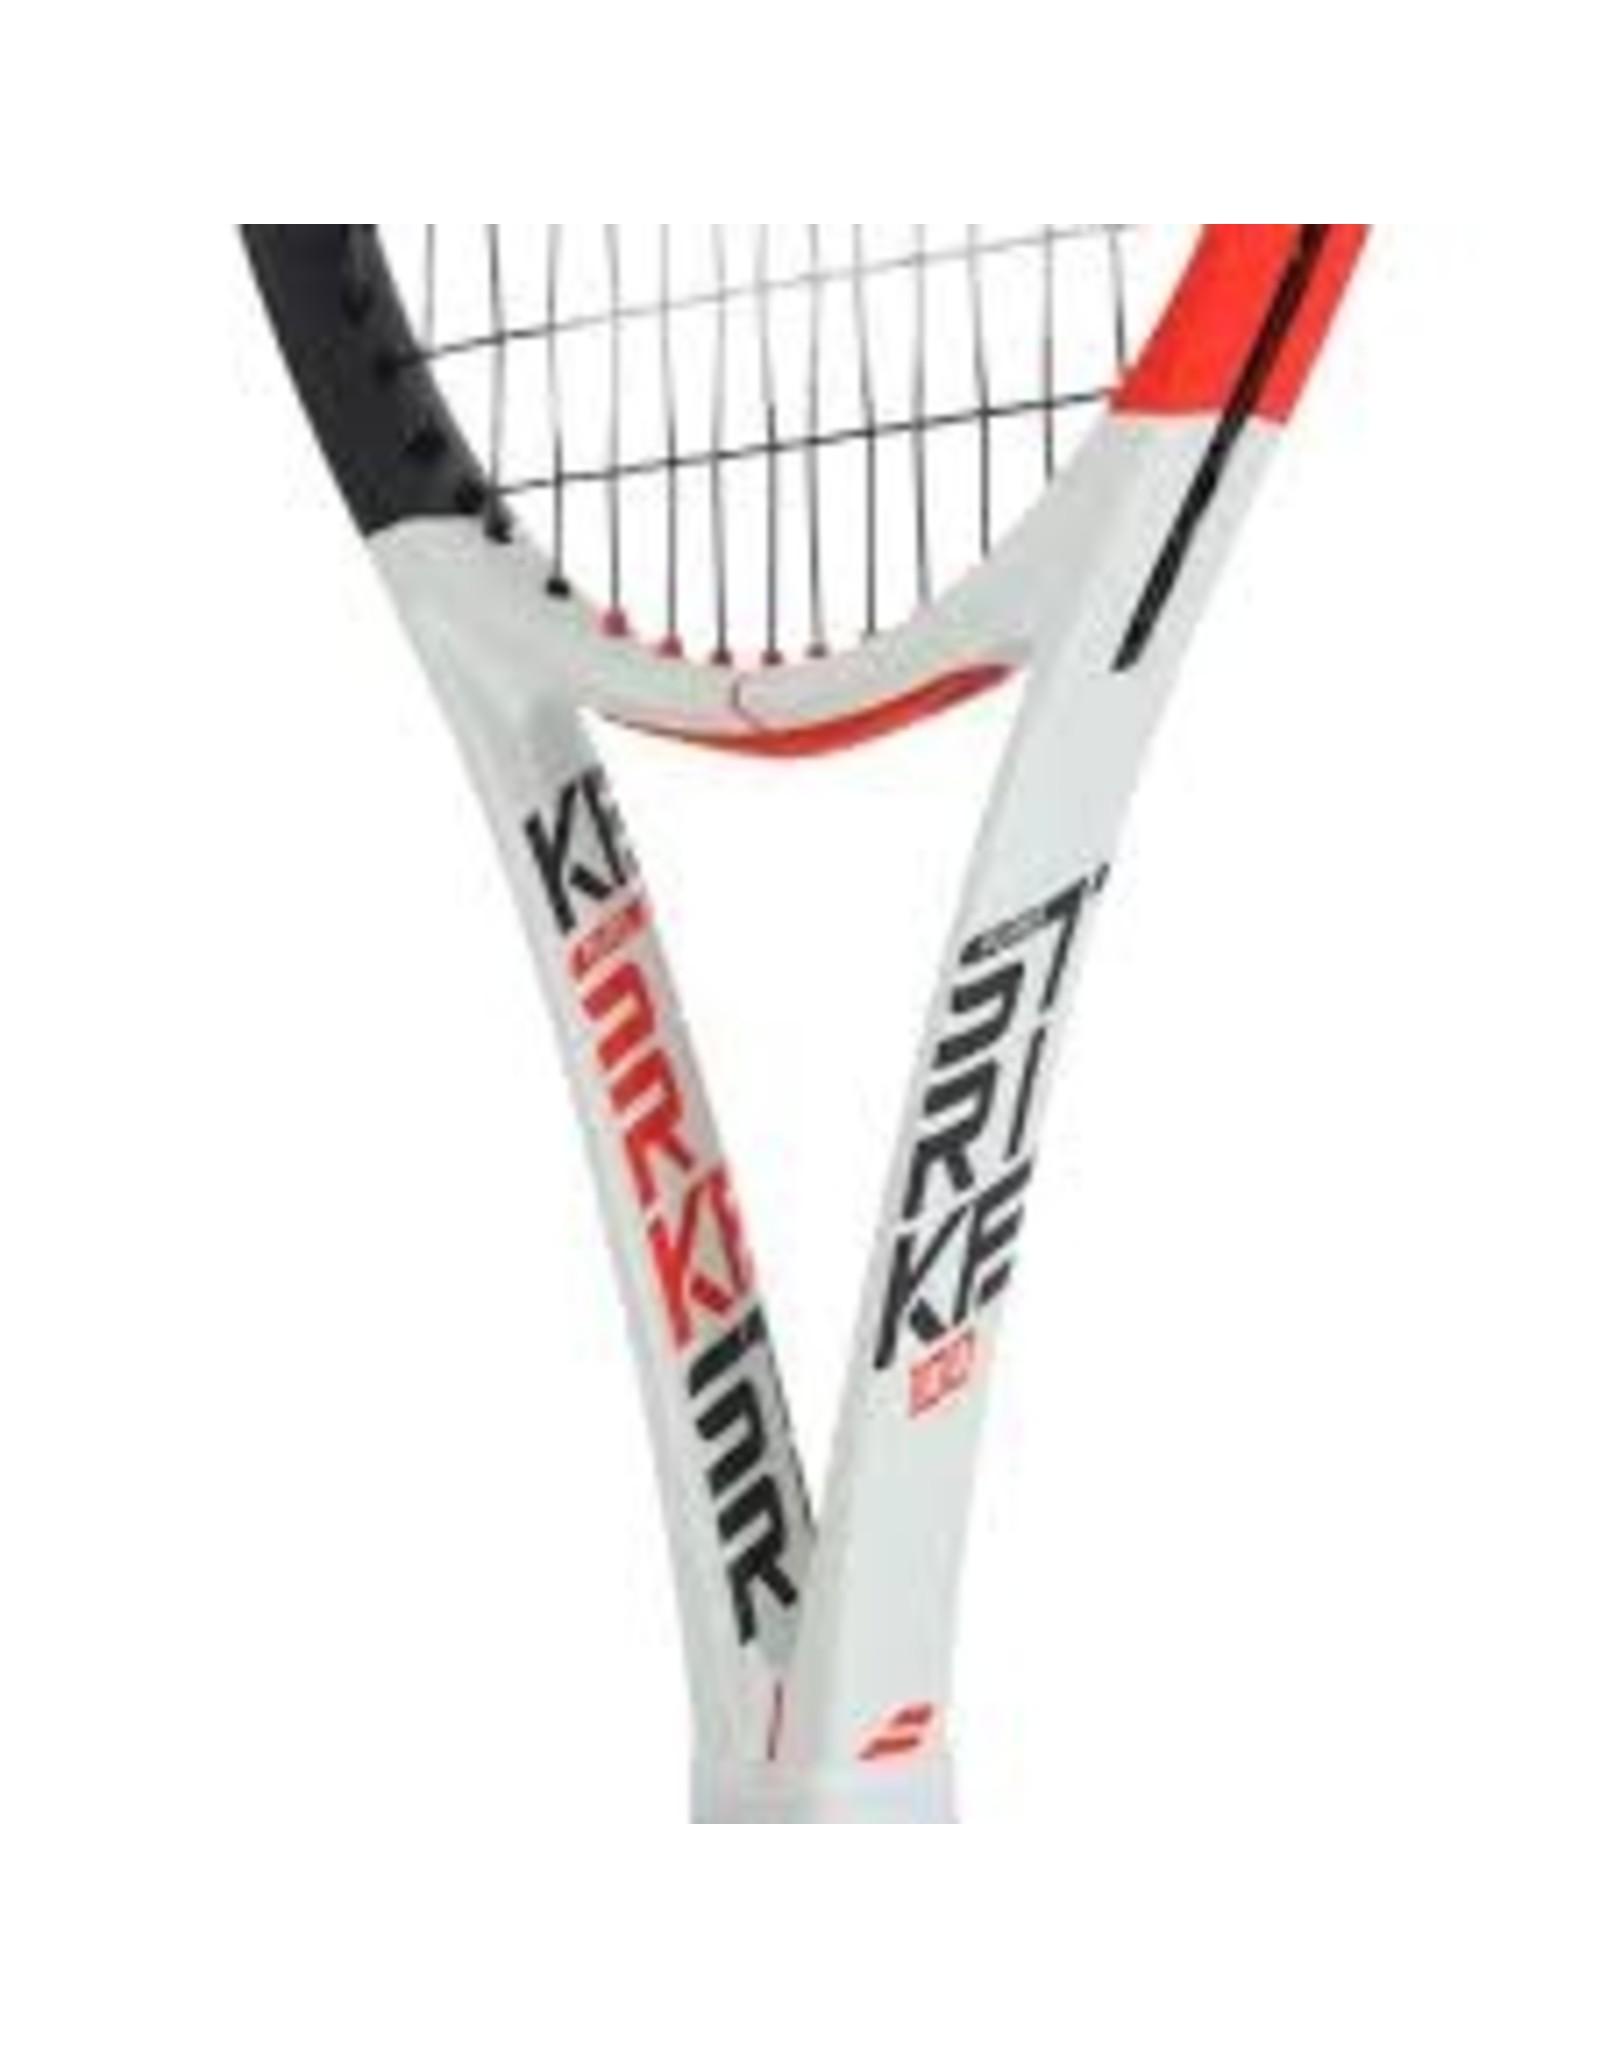 Babolat Babolat Pure Strike 100 3rd Gen Tennis Racquet